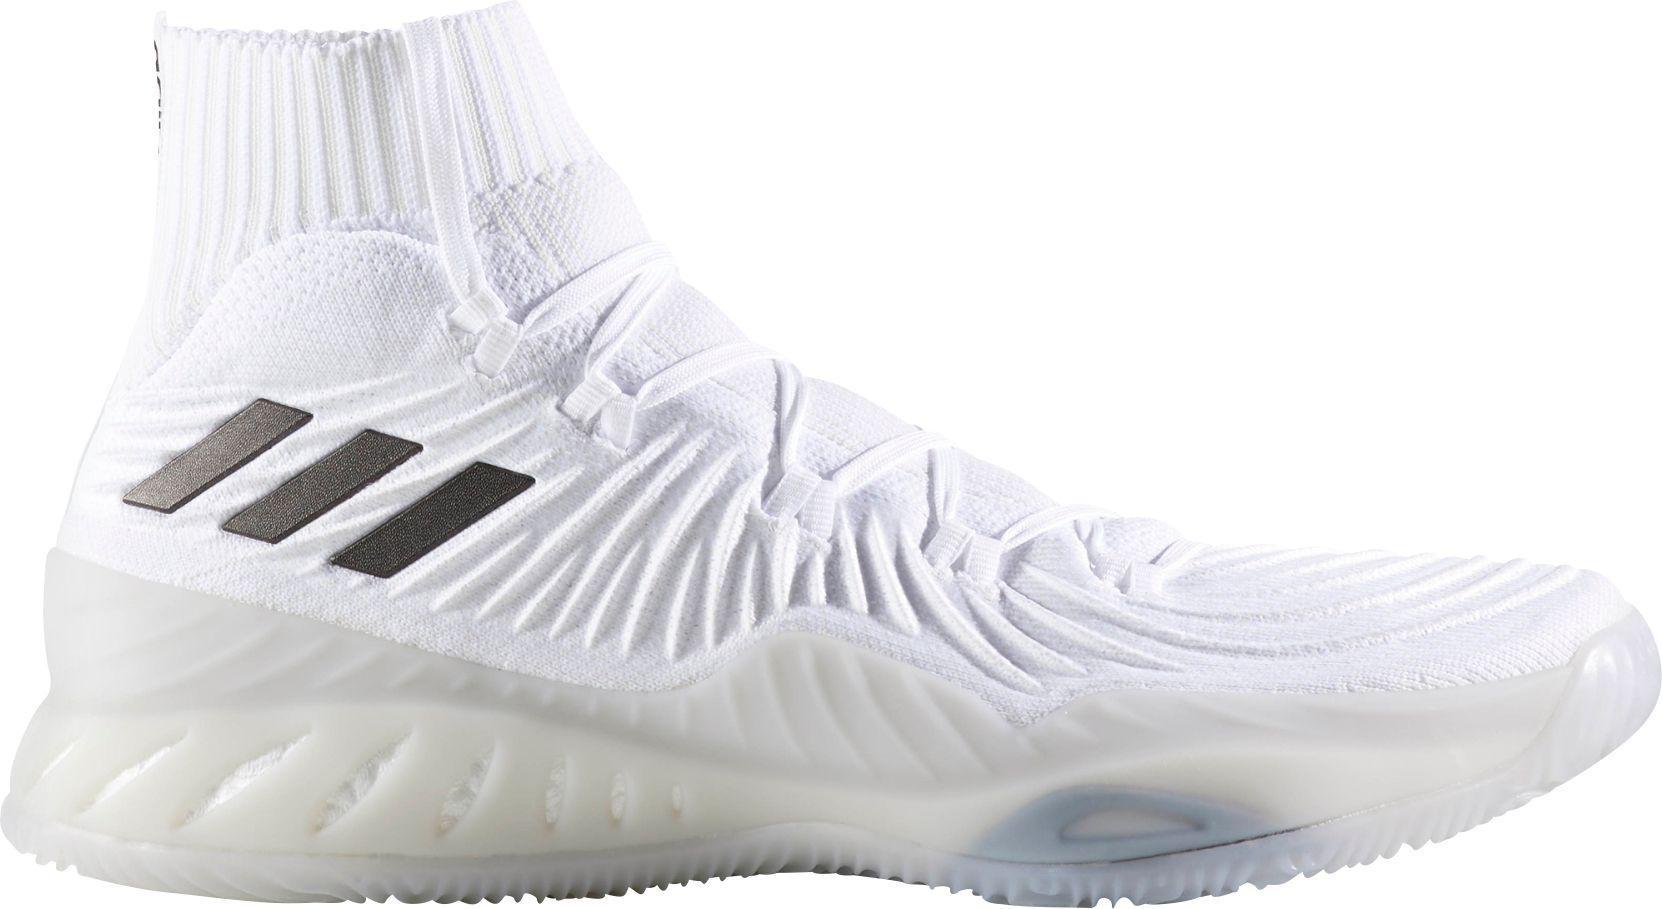 Lyst adidas pazzo esplosivo 2017 pk scarpe da basket in bianco per gli uomini.